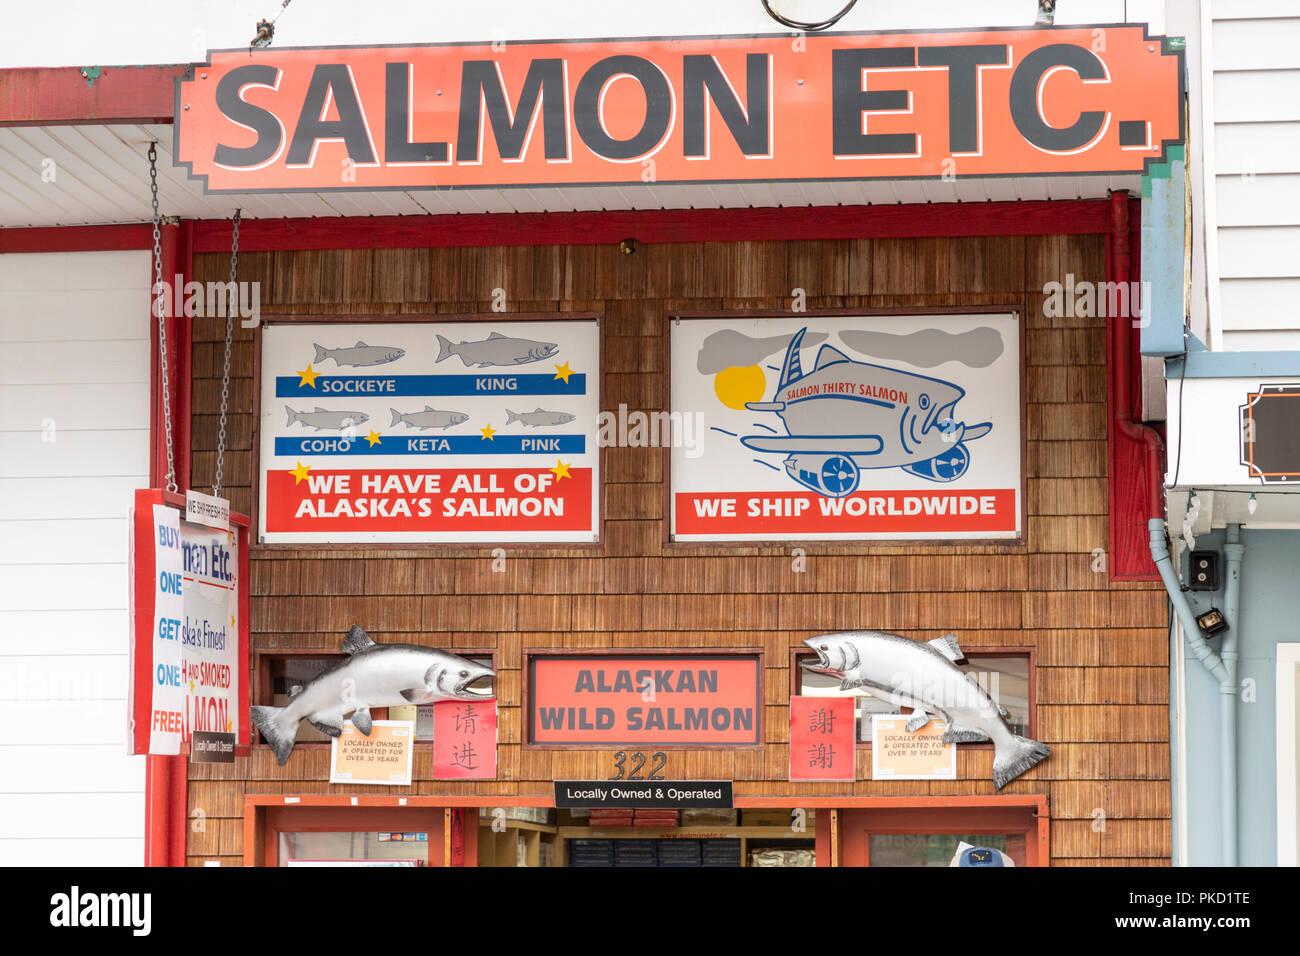 Salmon export business in Ketchikan, Alaska USA - Stock Image